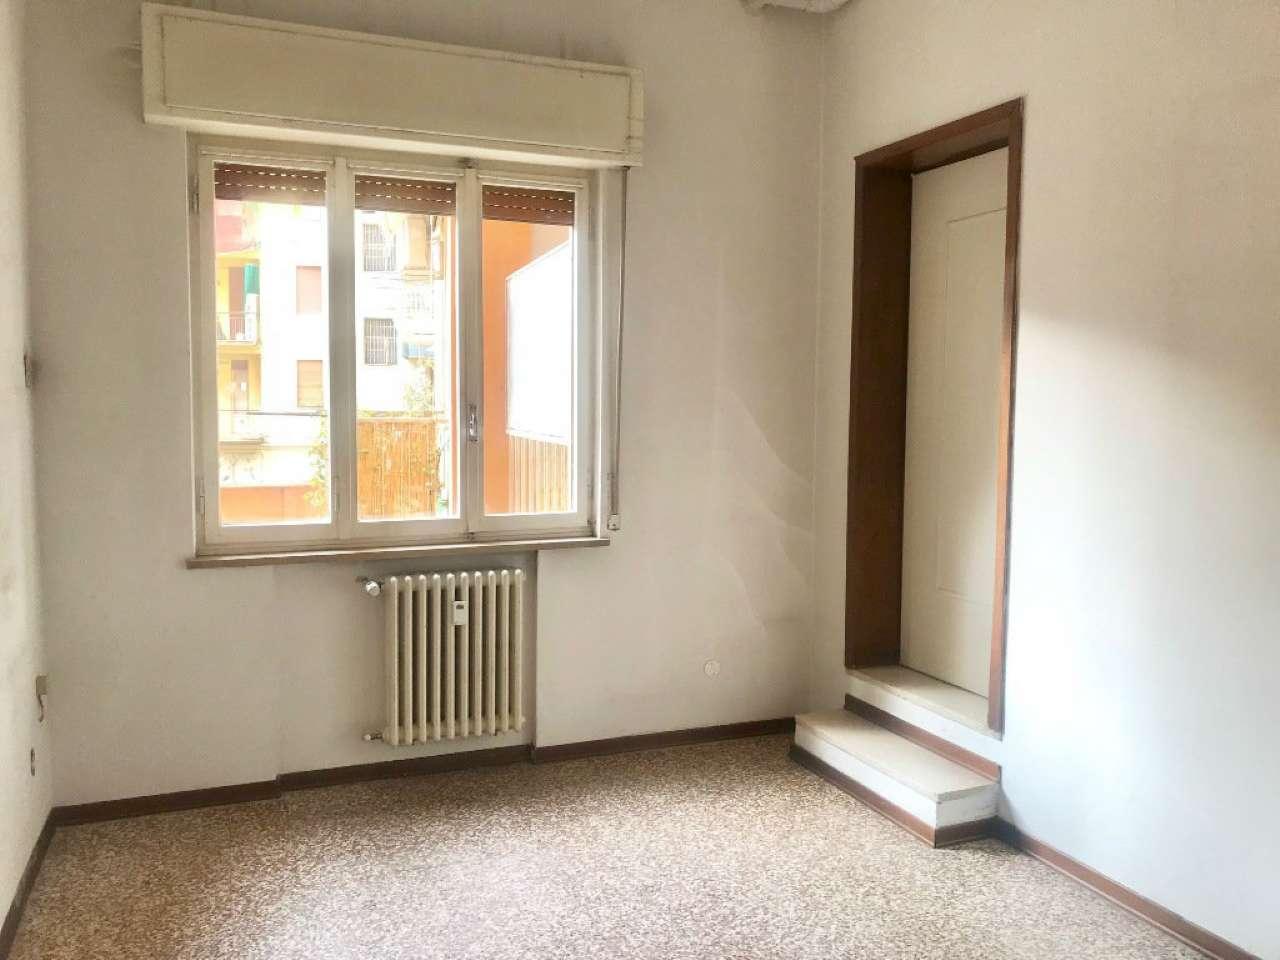 Ufficio in affitto Rif. 8649820